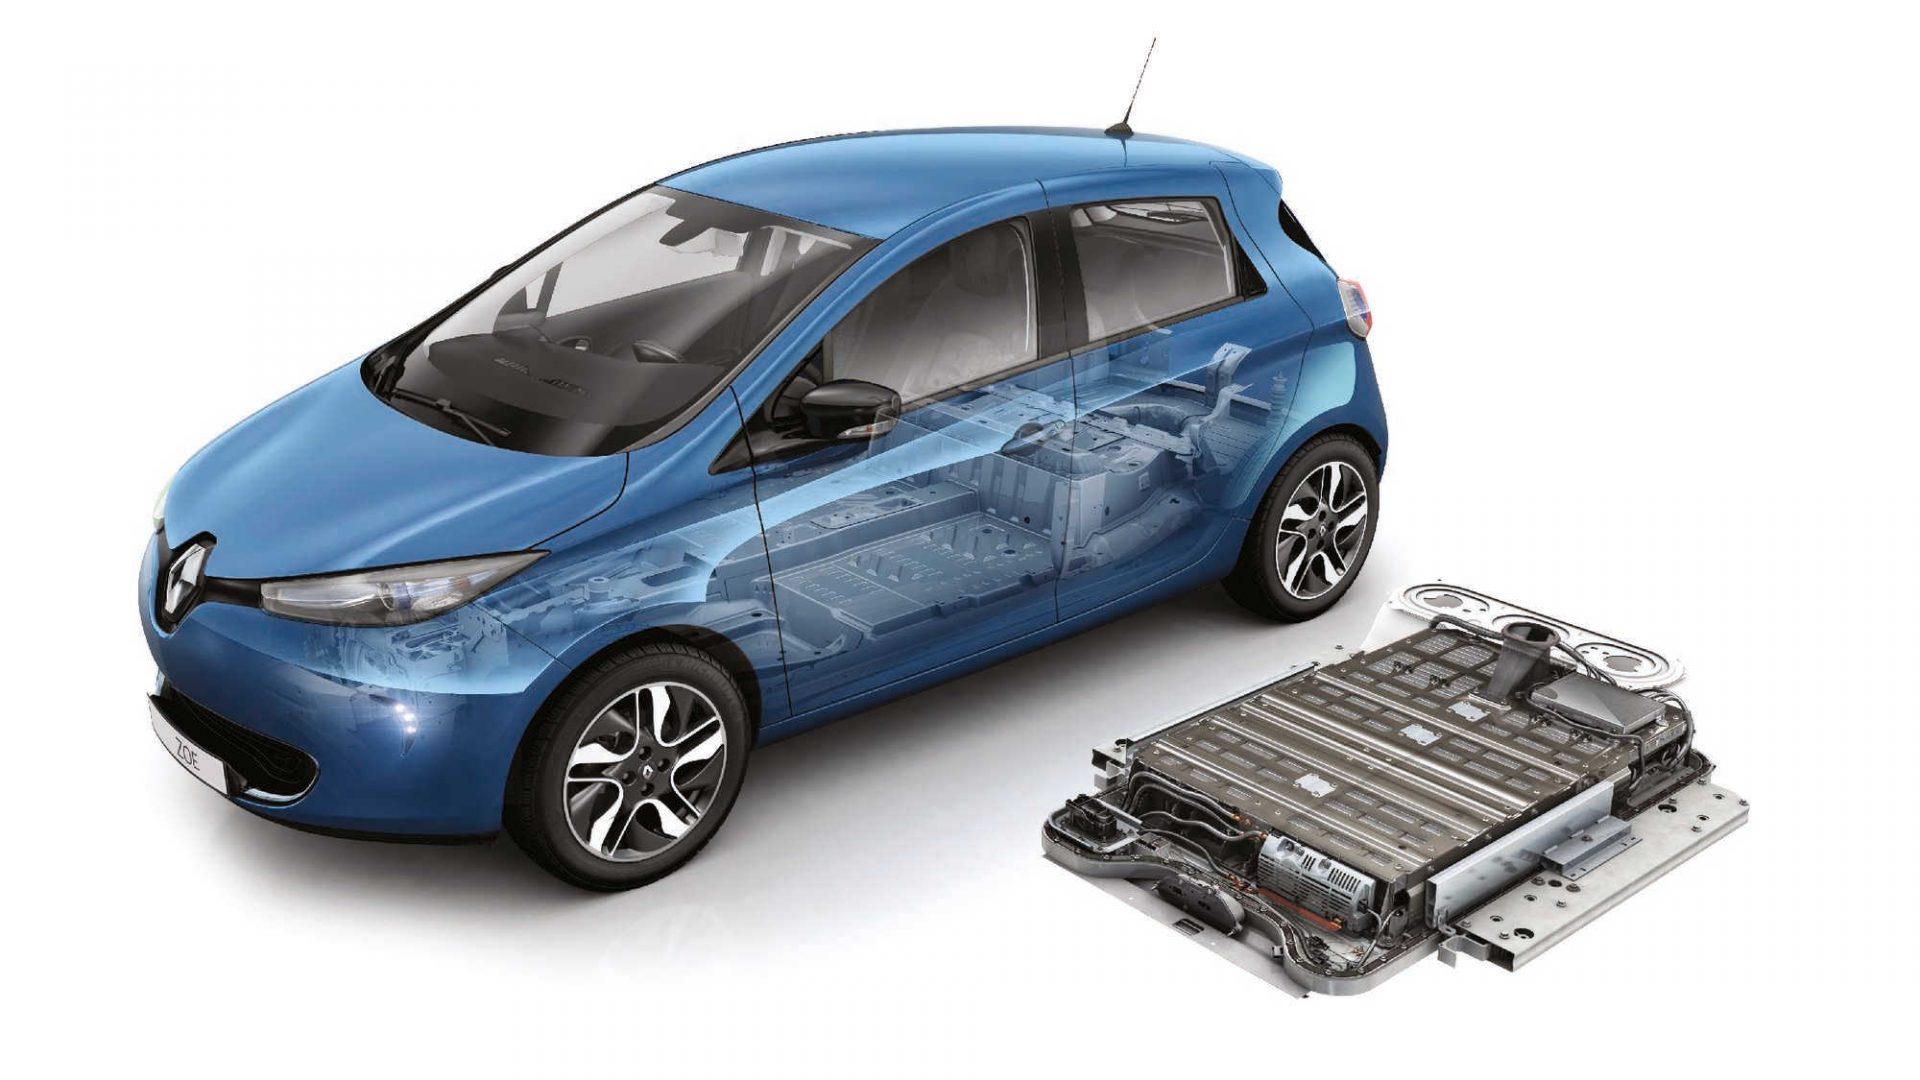 Precio Baterias Coche Electrico